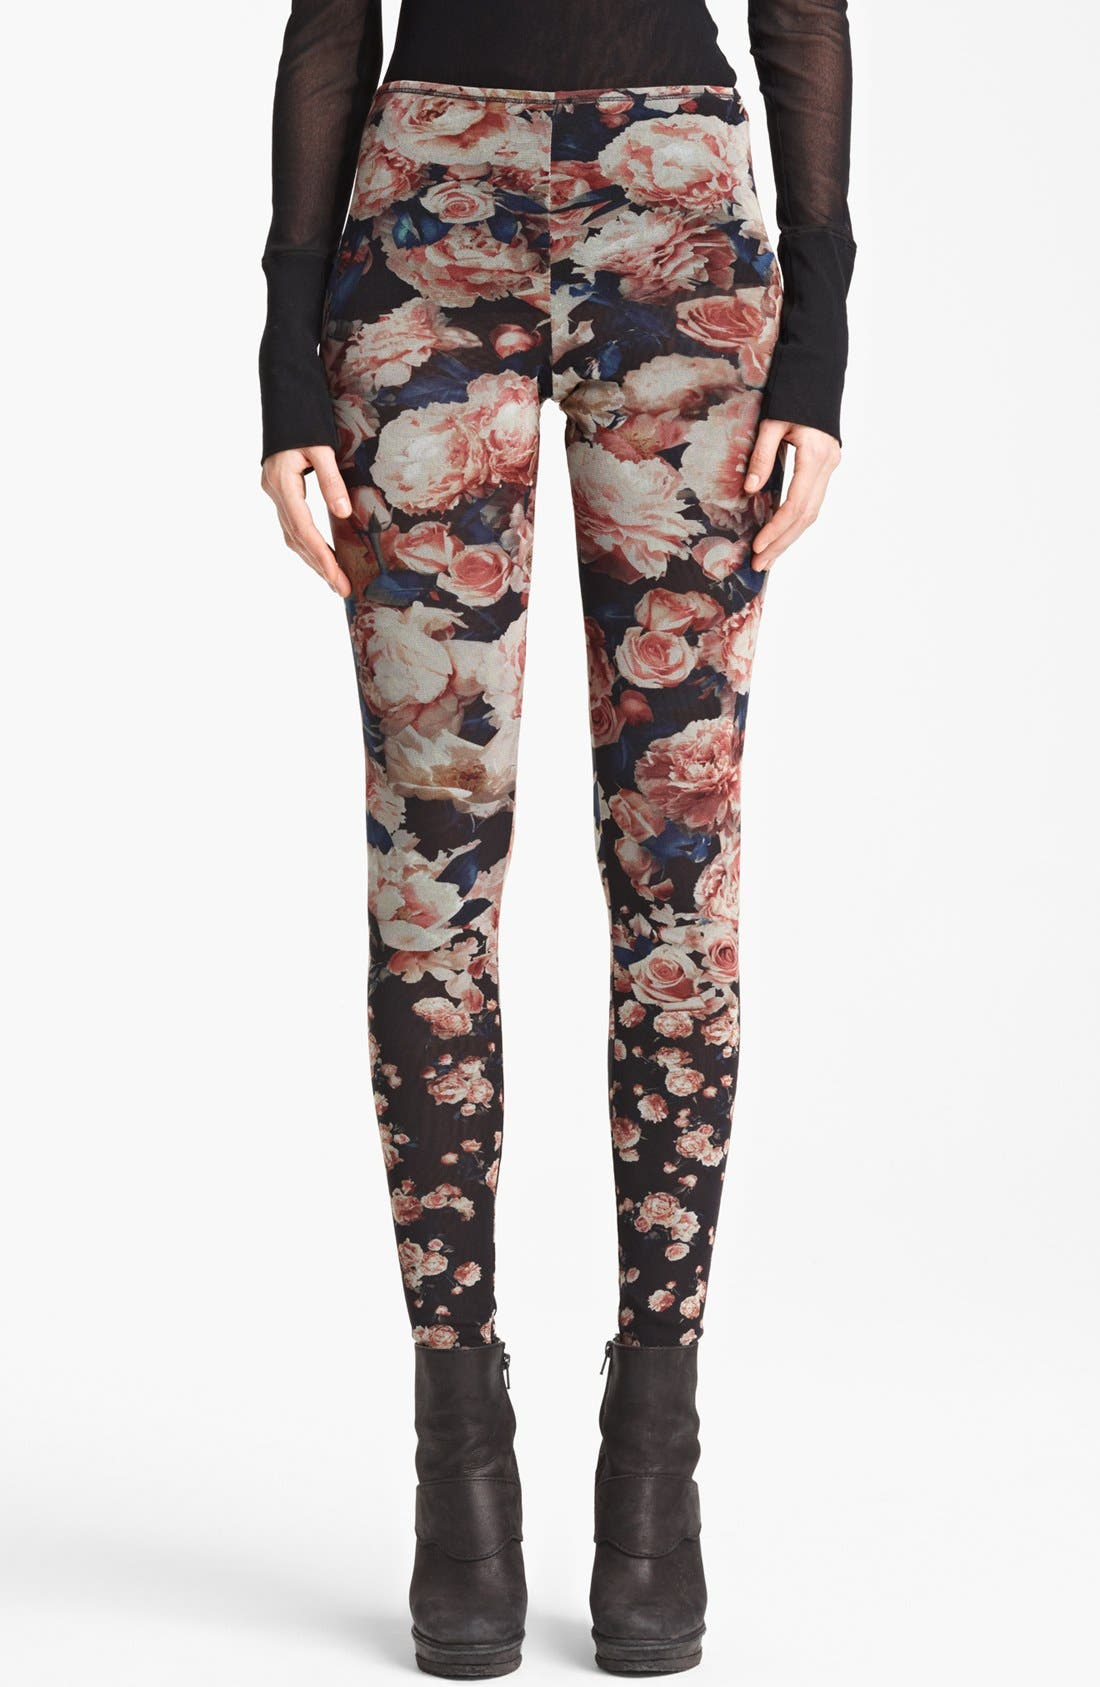 Alternate Image 1 Selected - Jean Paul Gaultier Fuzzi Rose Print Leggings